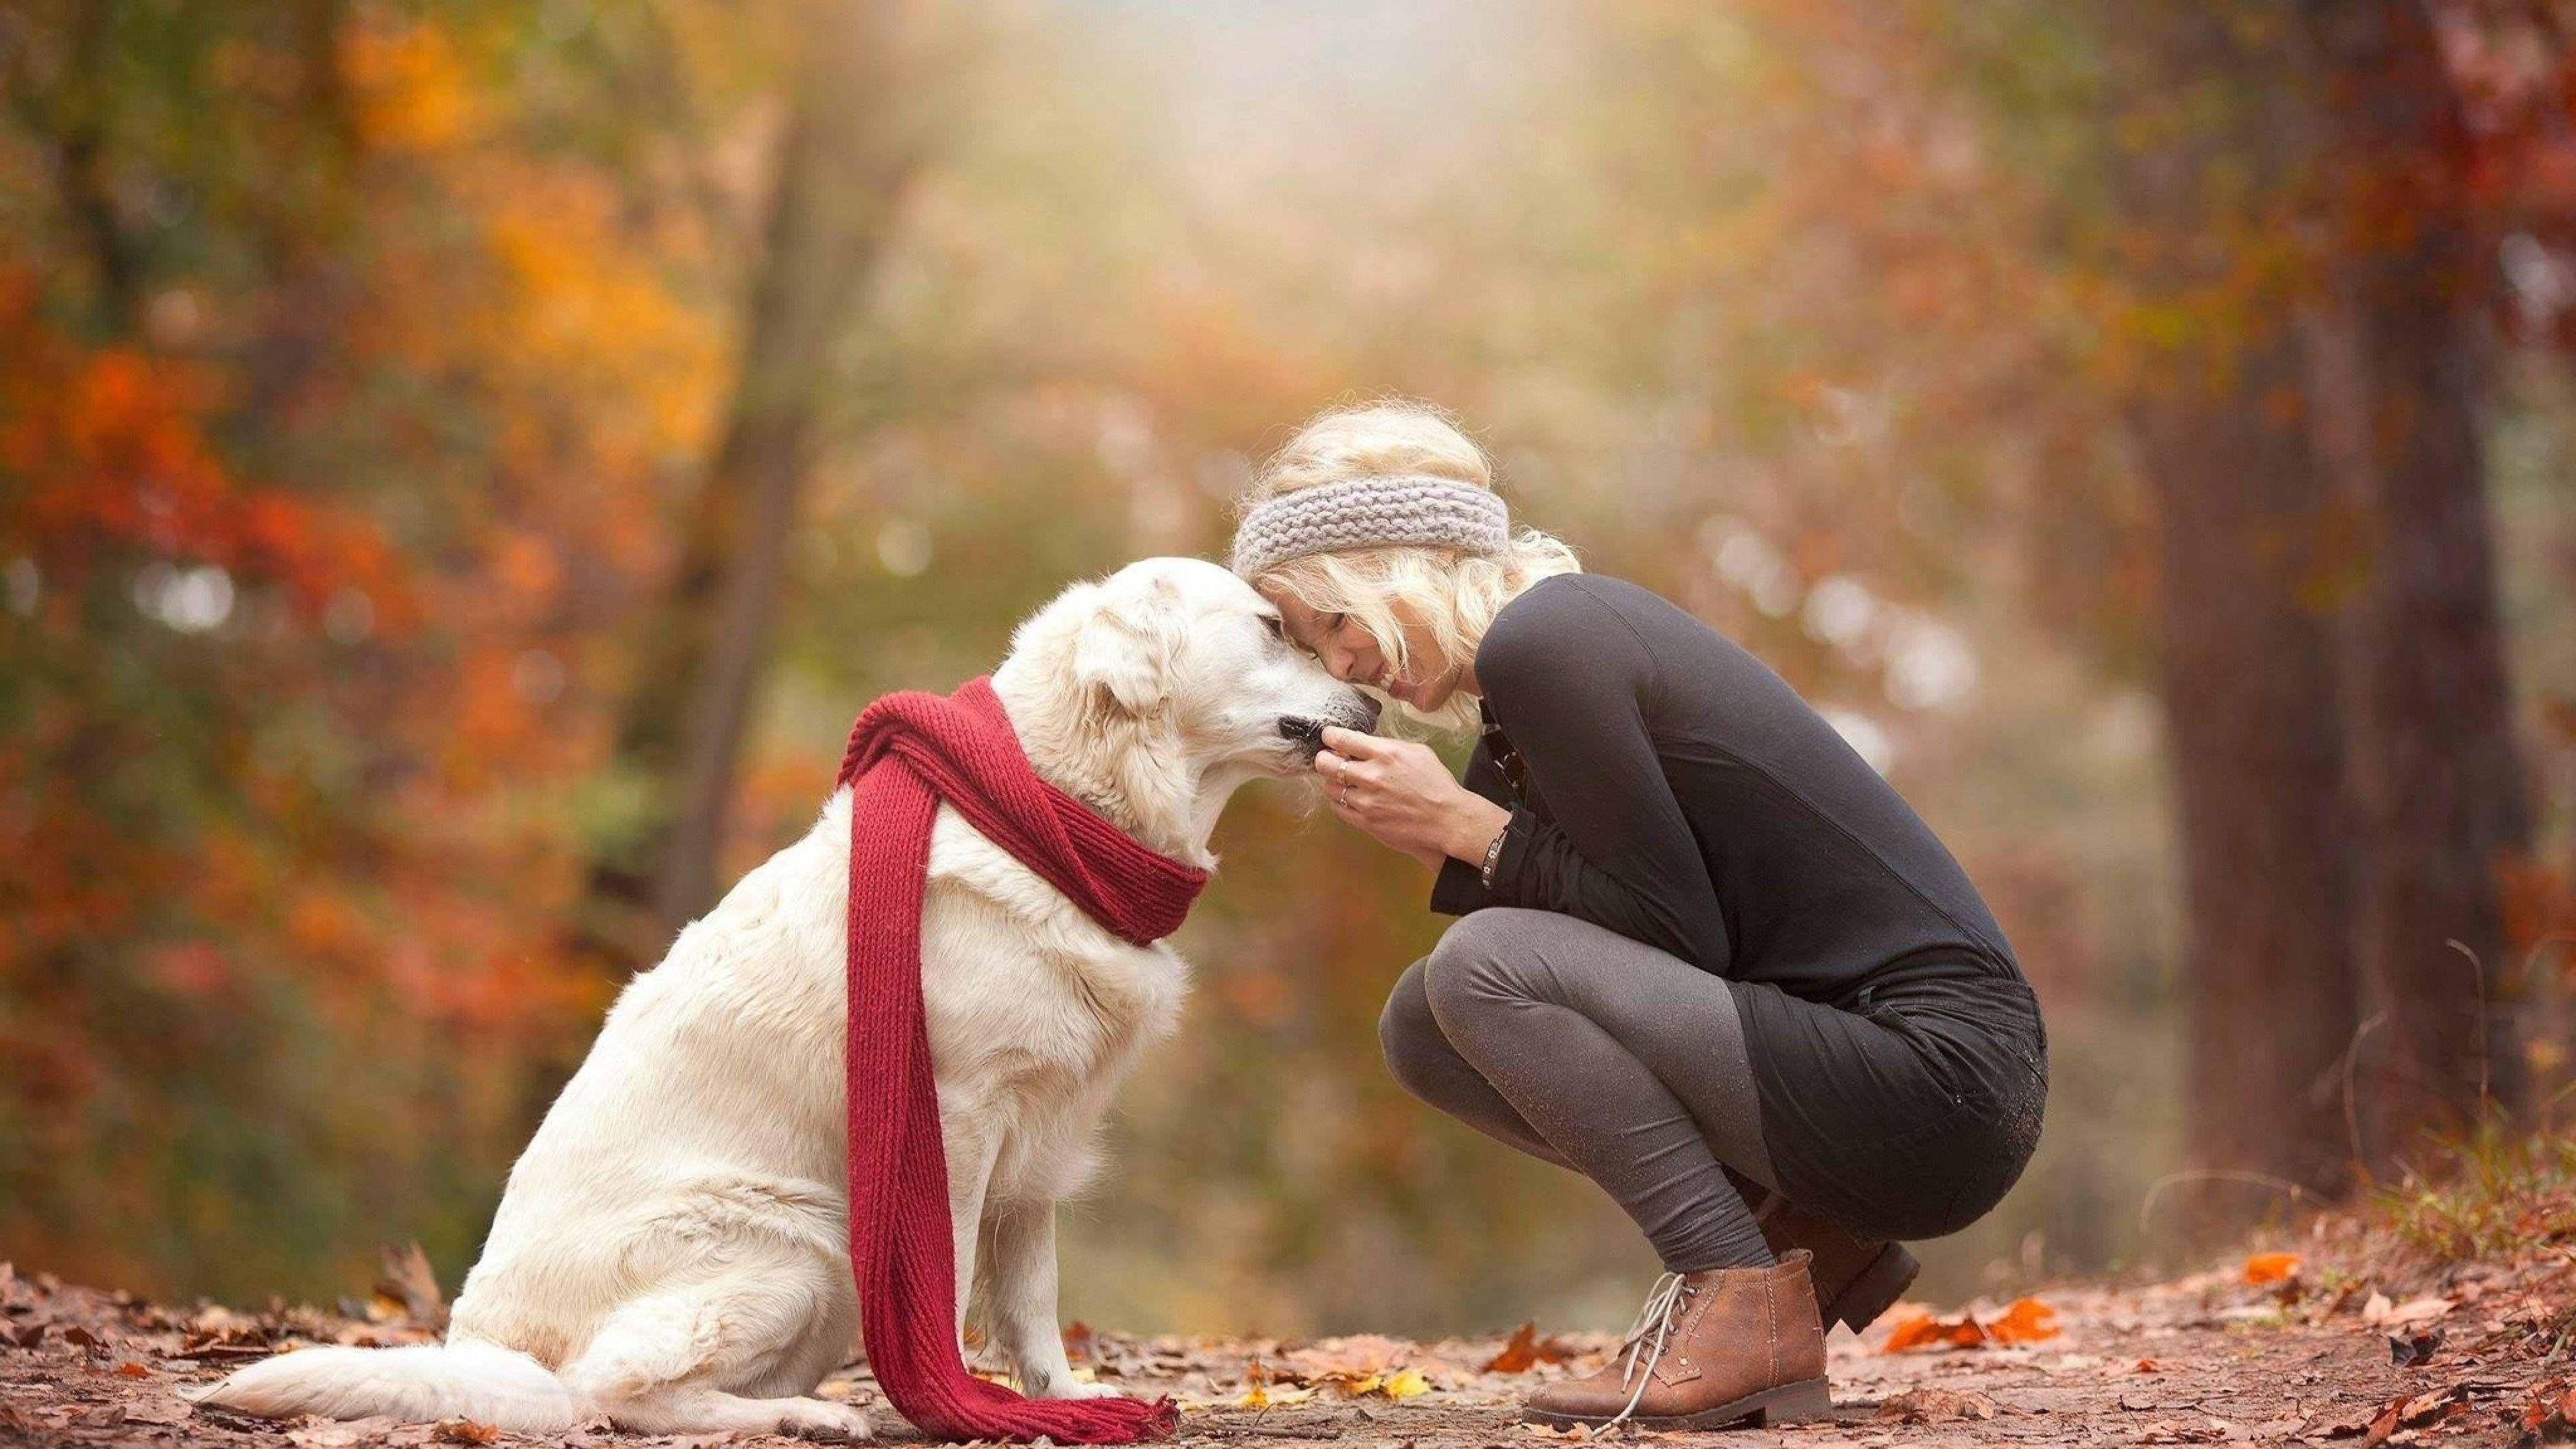 природа животные собака девочка жизнь nature animals dog girl life  № 3950982 загрузить